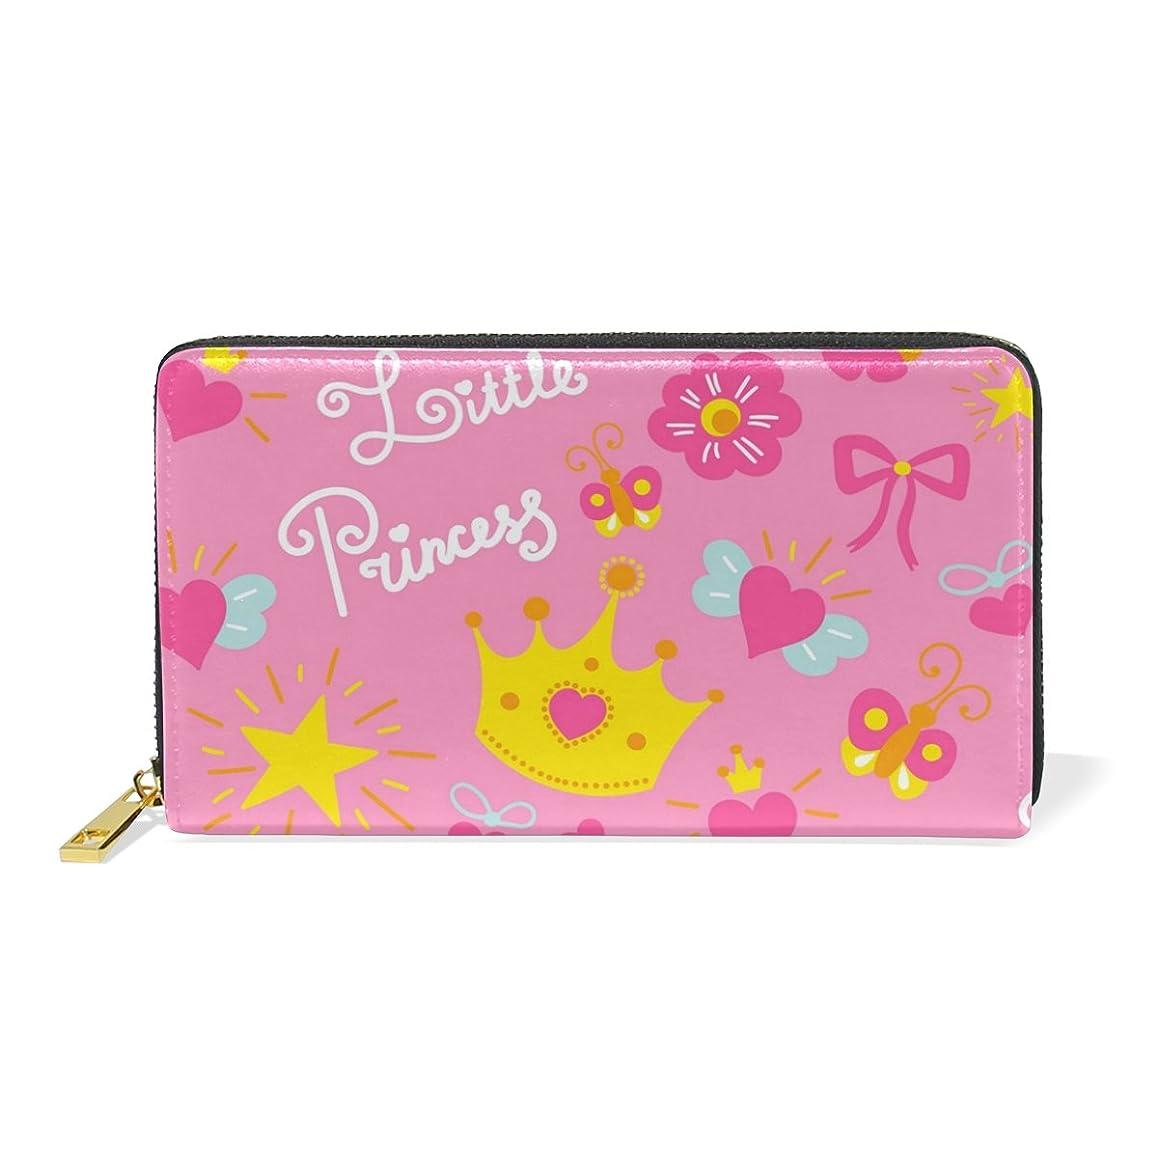 いいねこしょう取り出すALAZA 財布 可愛い プリンセス 本革 大容量 18枚 多機能 ラウンドファスナー 小銭入れ付 レディース 二つ折り